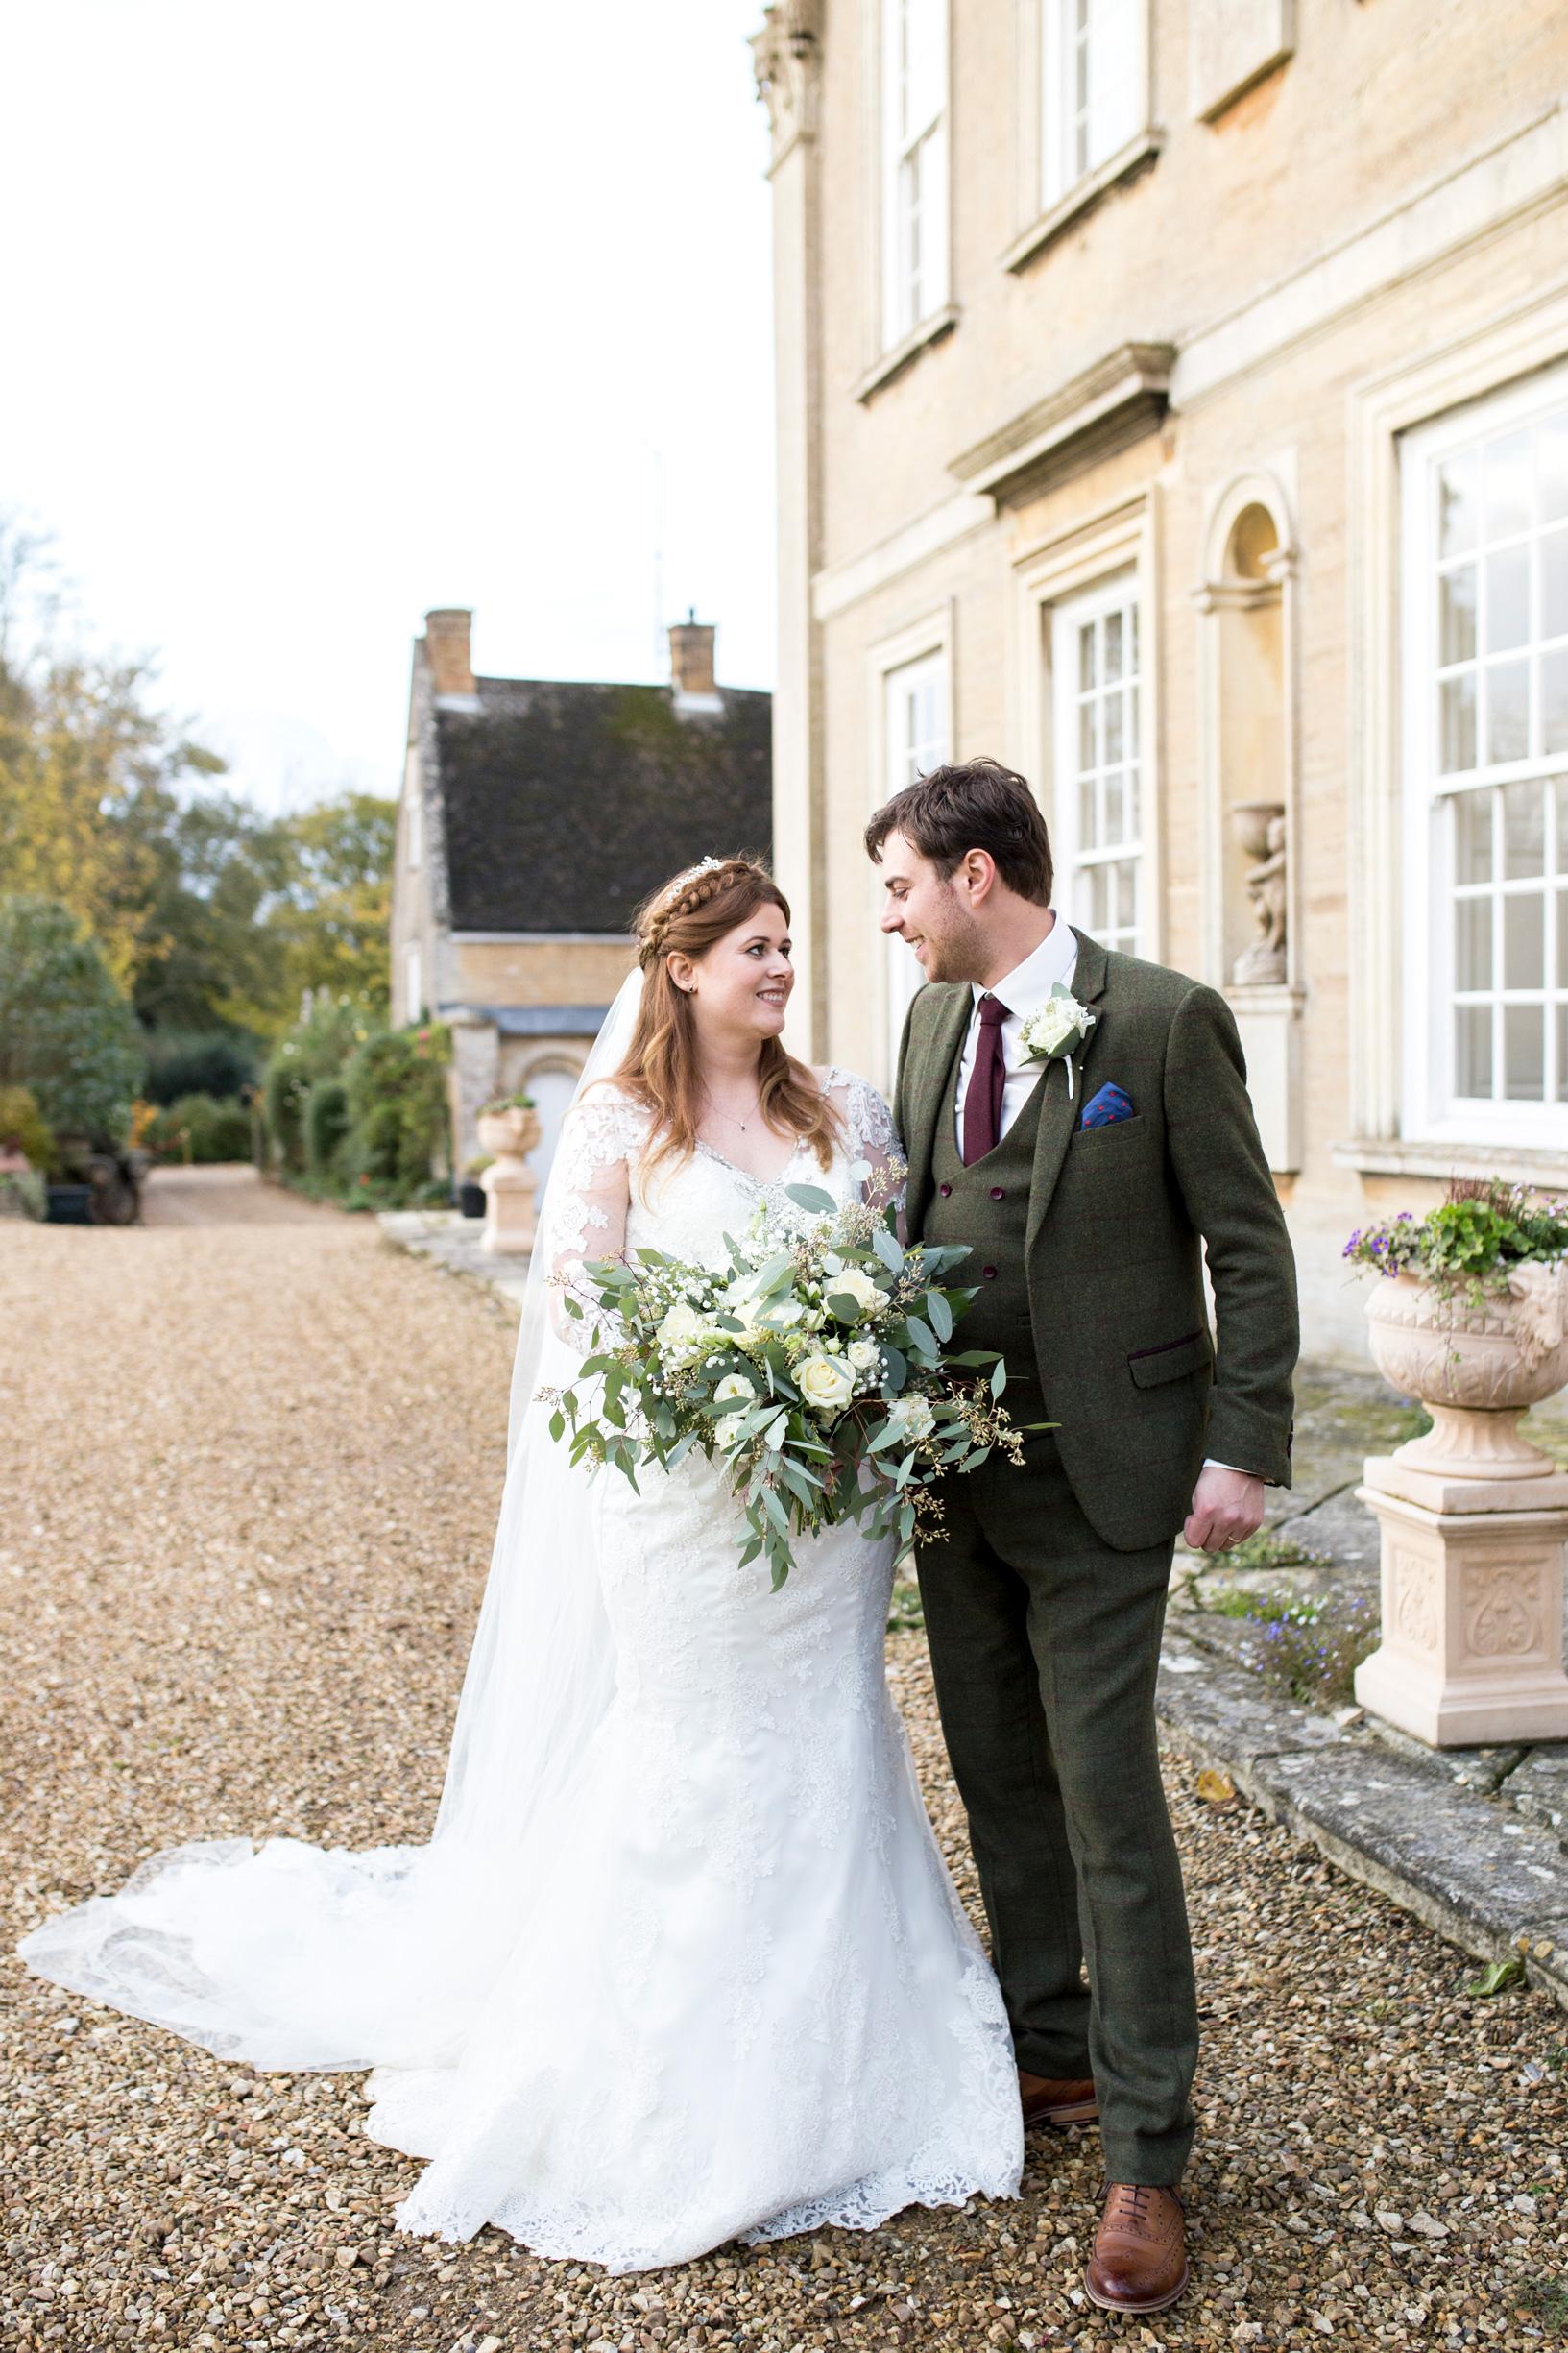 Wedding Couple, Hinwick House, Bedfordshire Wedding,